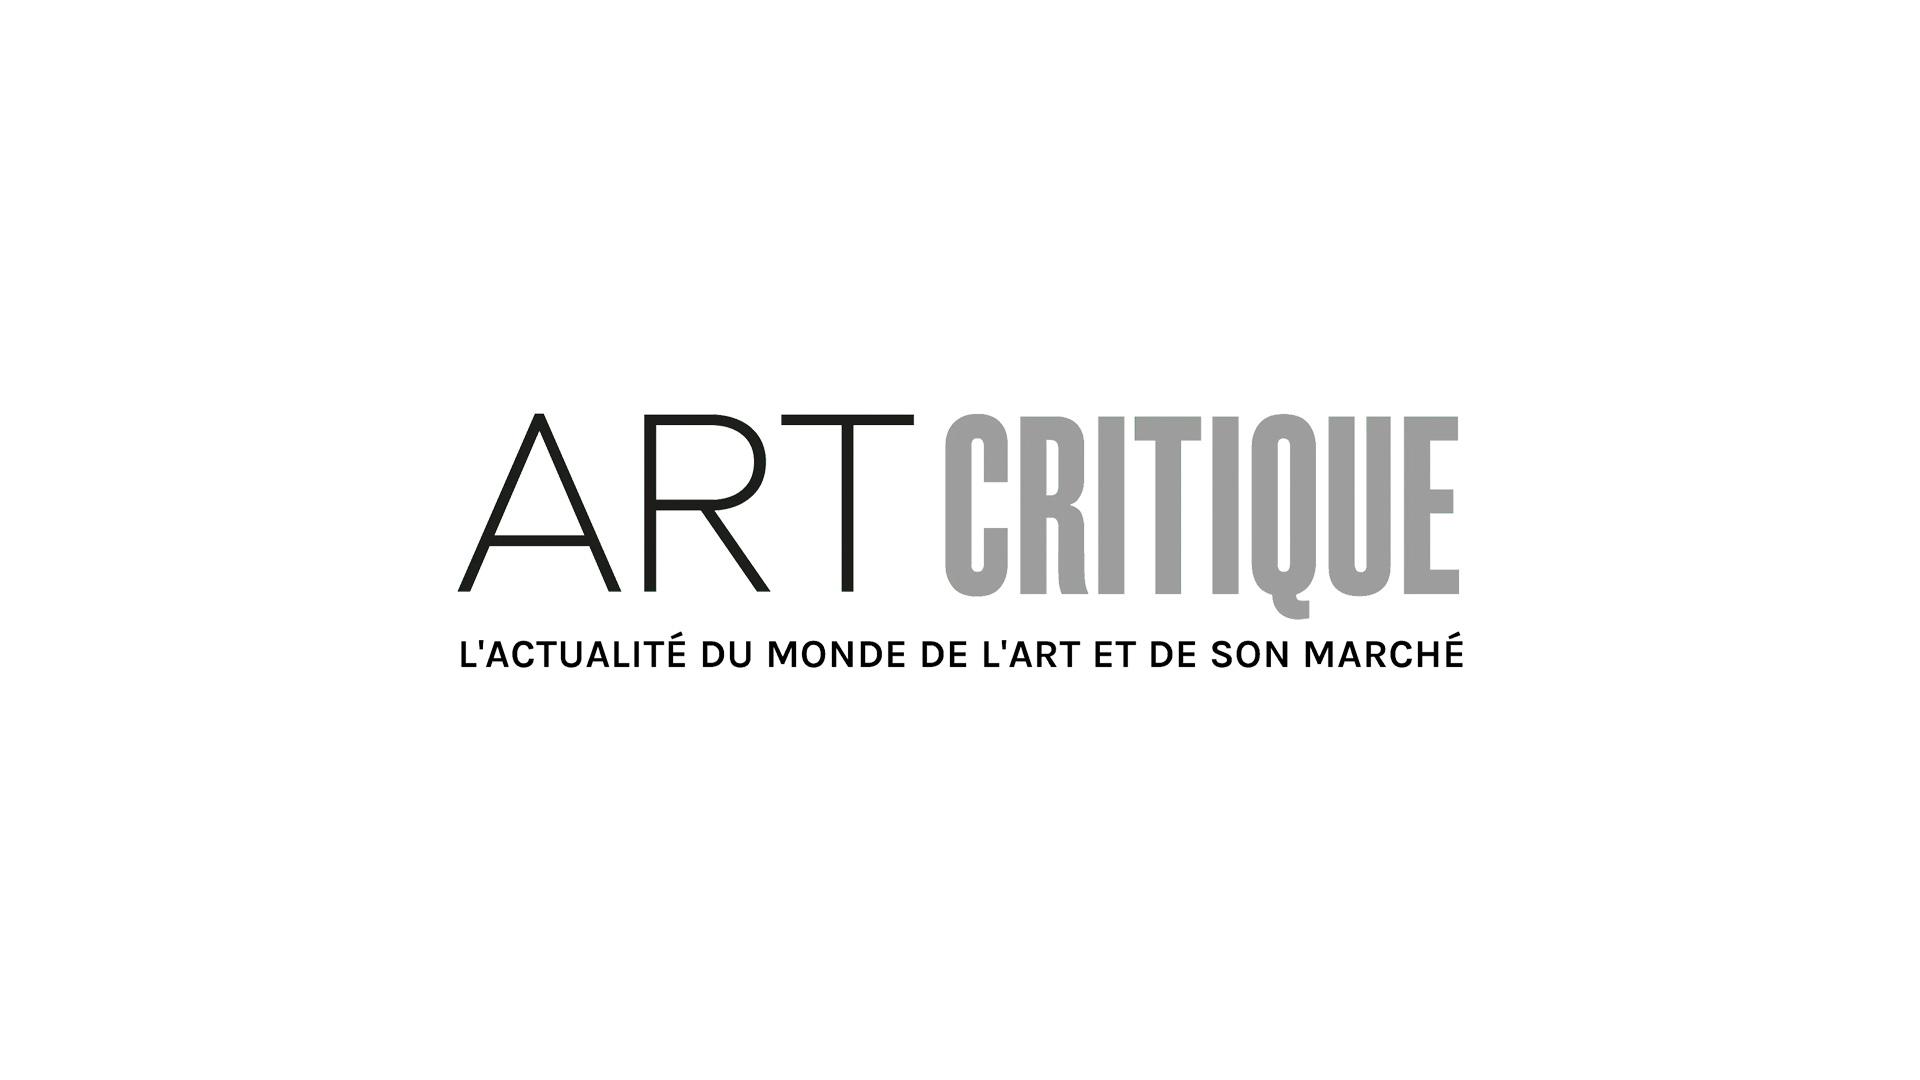 Le 20e anniversaire du Prix Marcel Duchamp